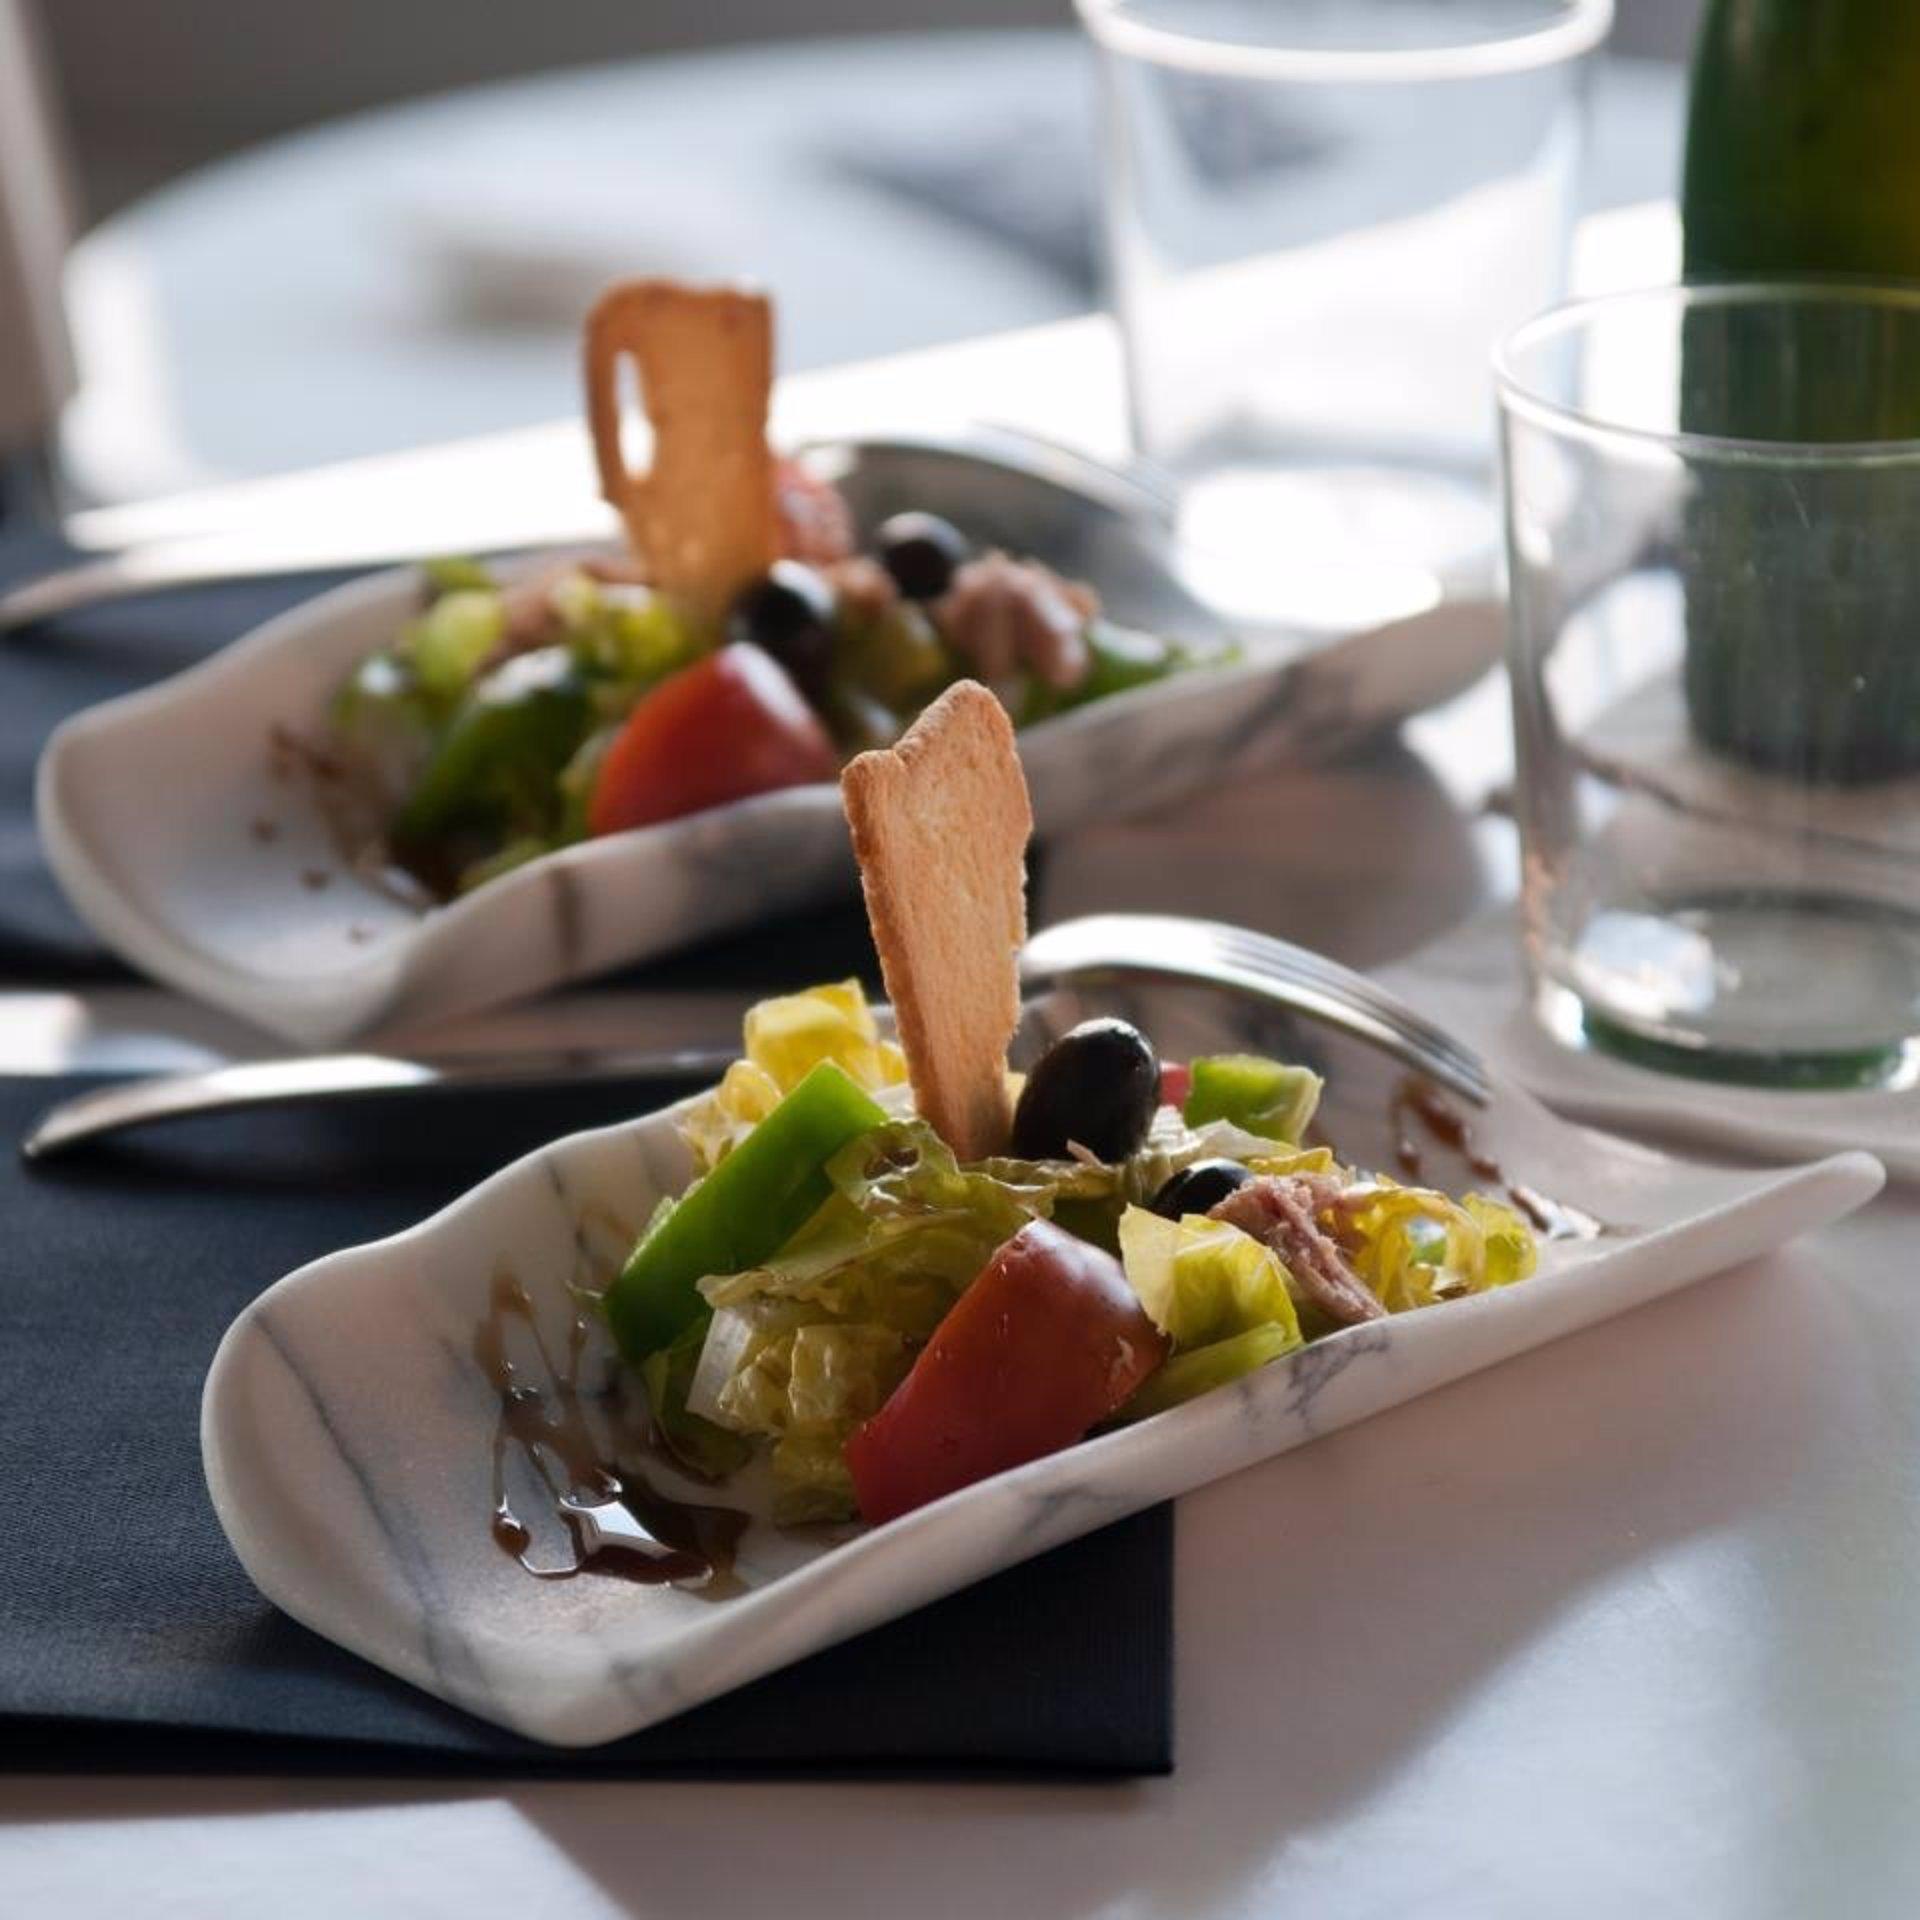 Una empresa dise a vajillas en m rmol y piedra natural for Vajilla para restaurante